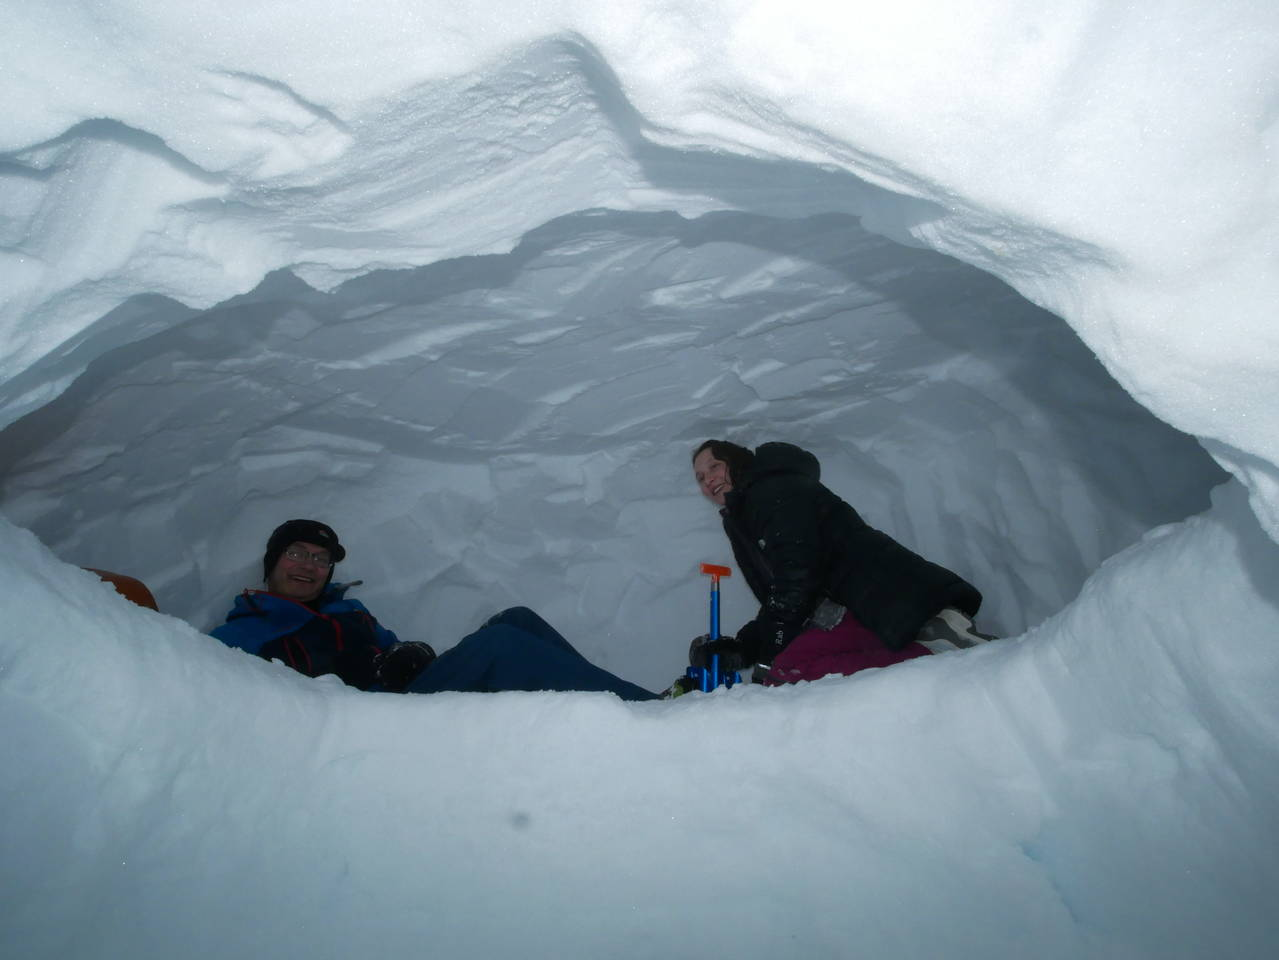 Making a snowcave